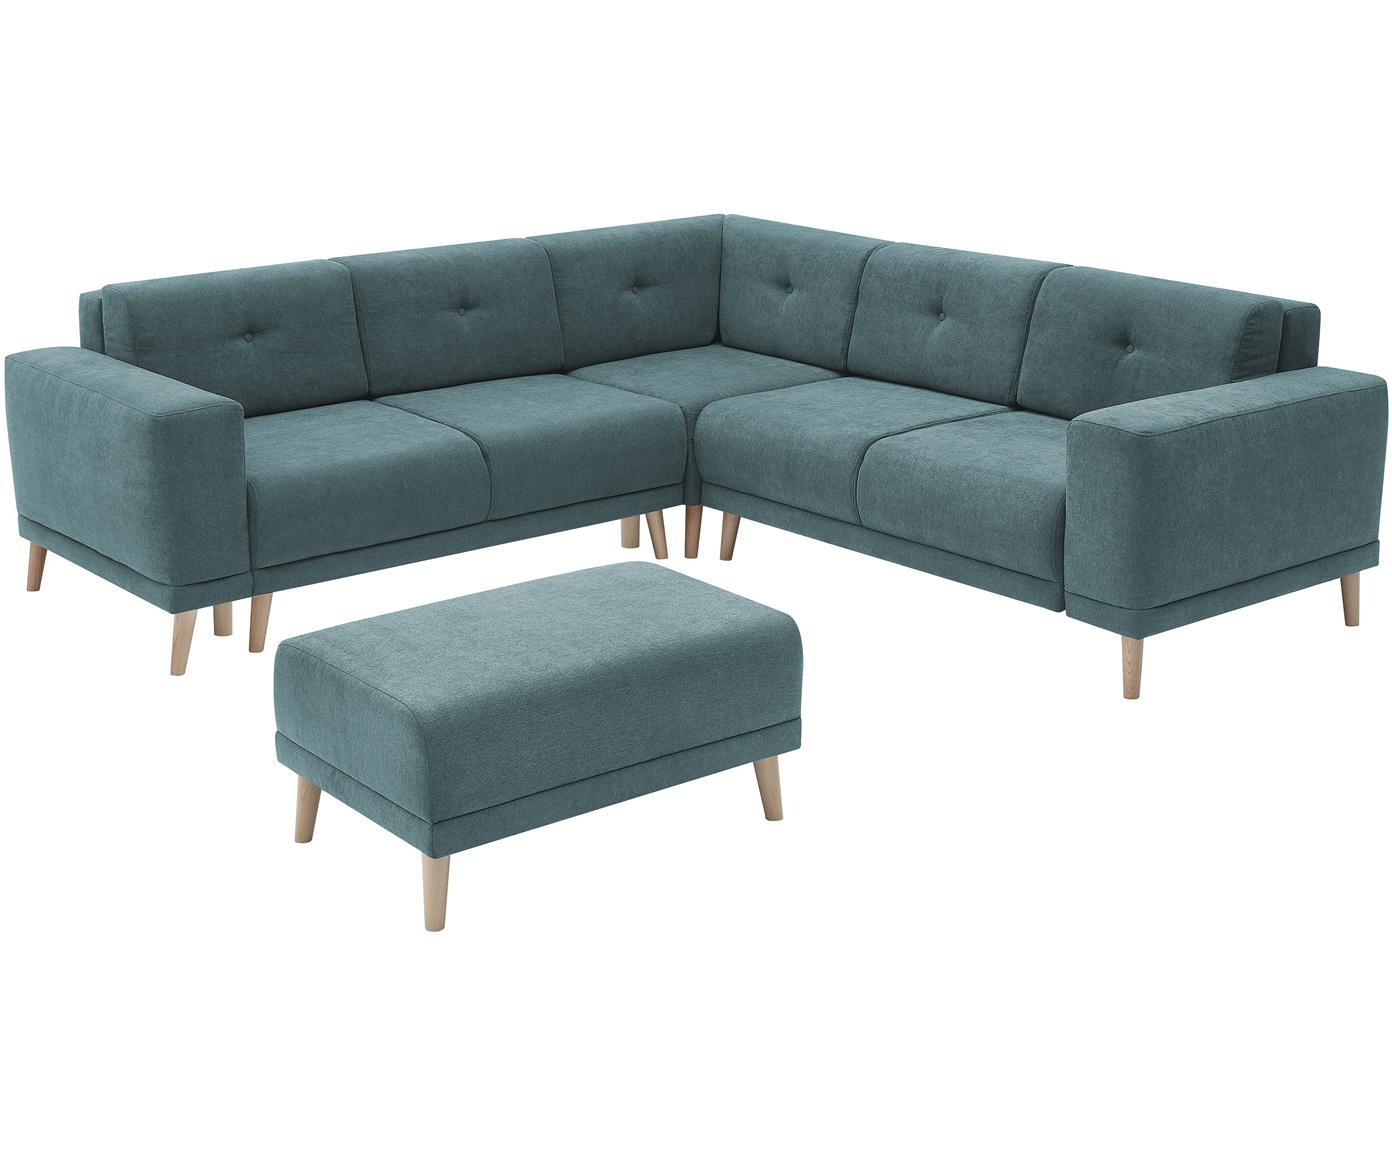 Sofa narożna z funkcją spania Luna, Tapicerka: 100% aksamit poliestrowy, Nogi: metal lakierowany, Niebieski, S 260 x G 260 cm